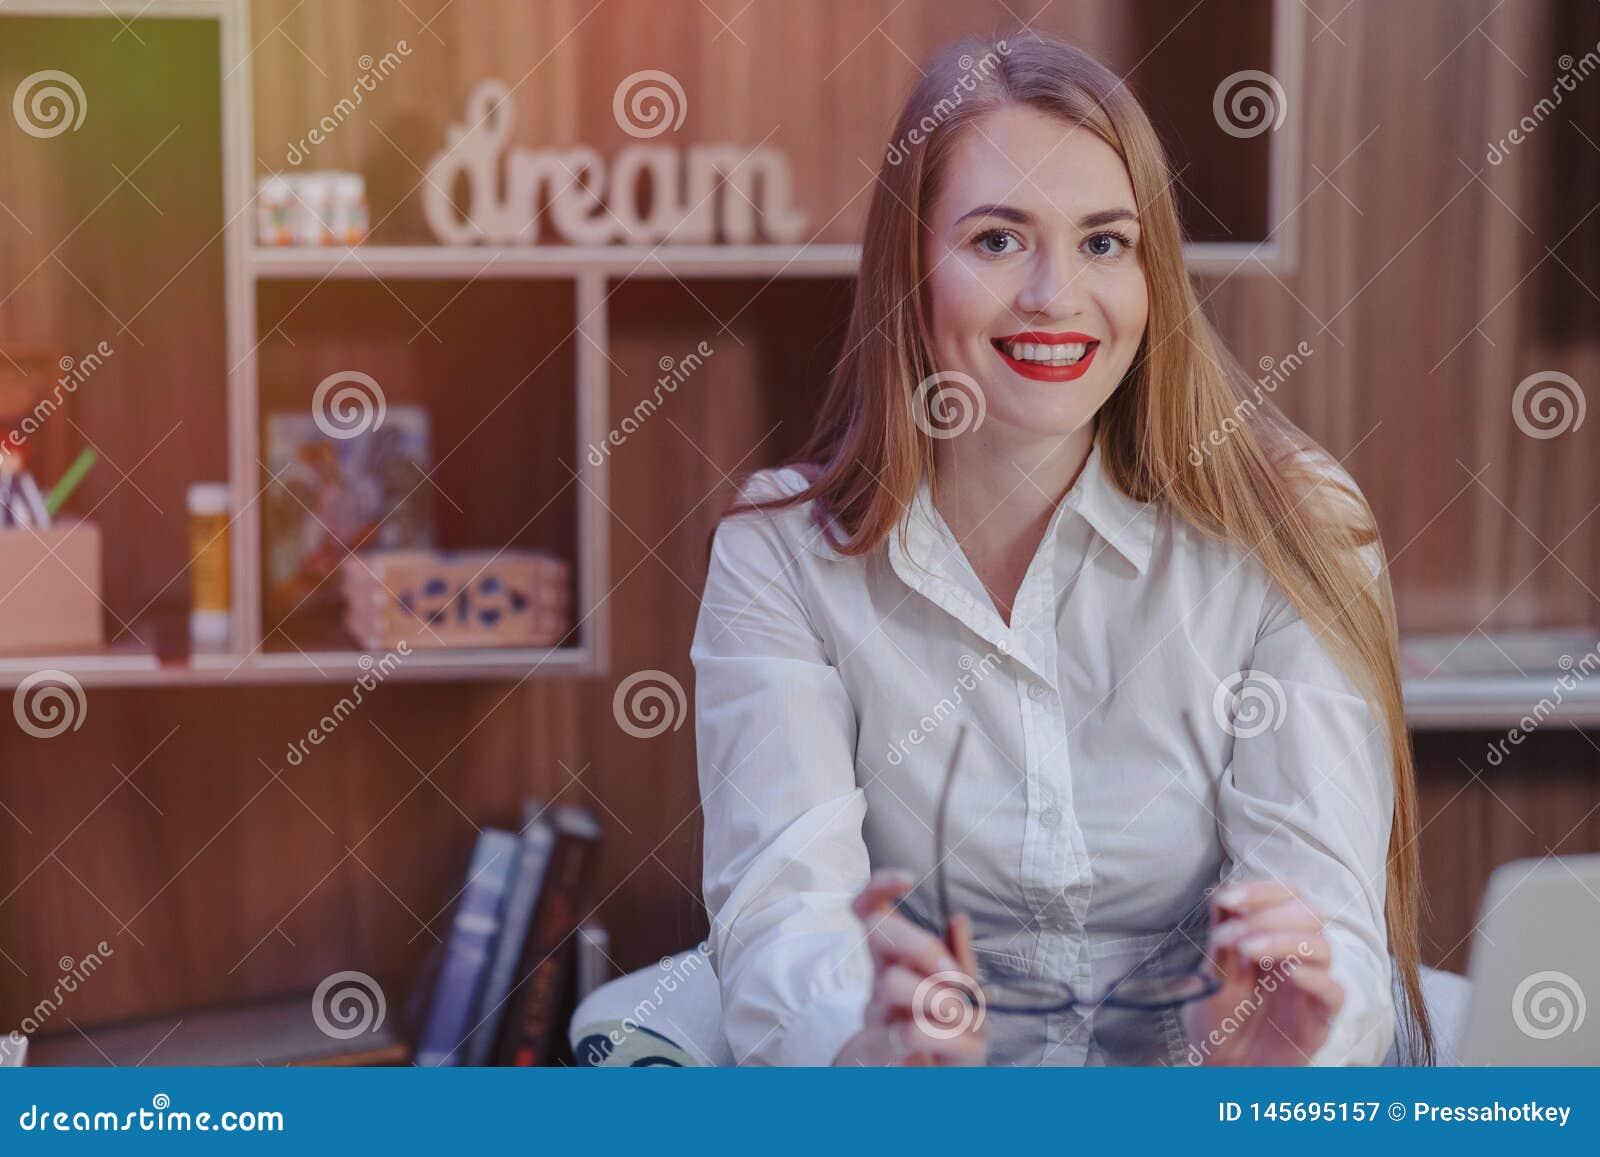 Стильная женщина работает на столе ноутбука в современном офисе